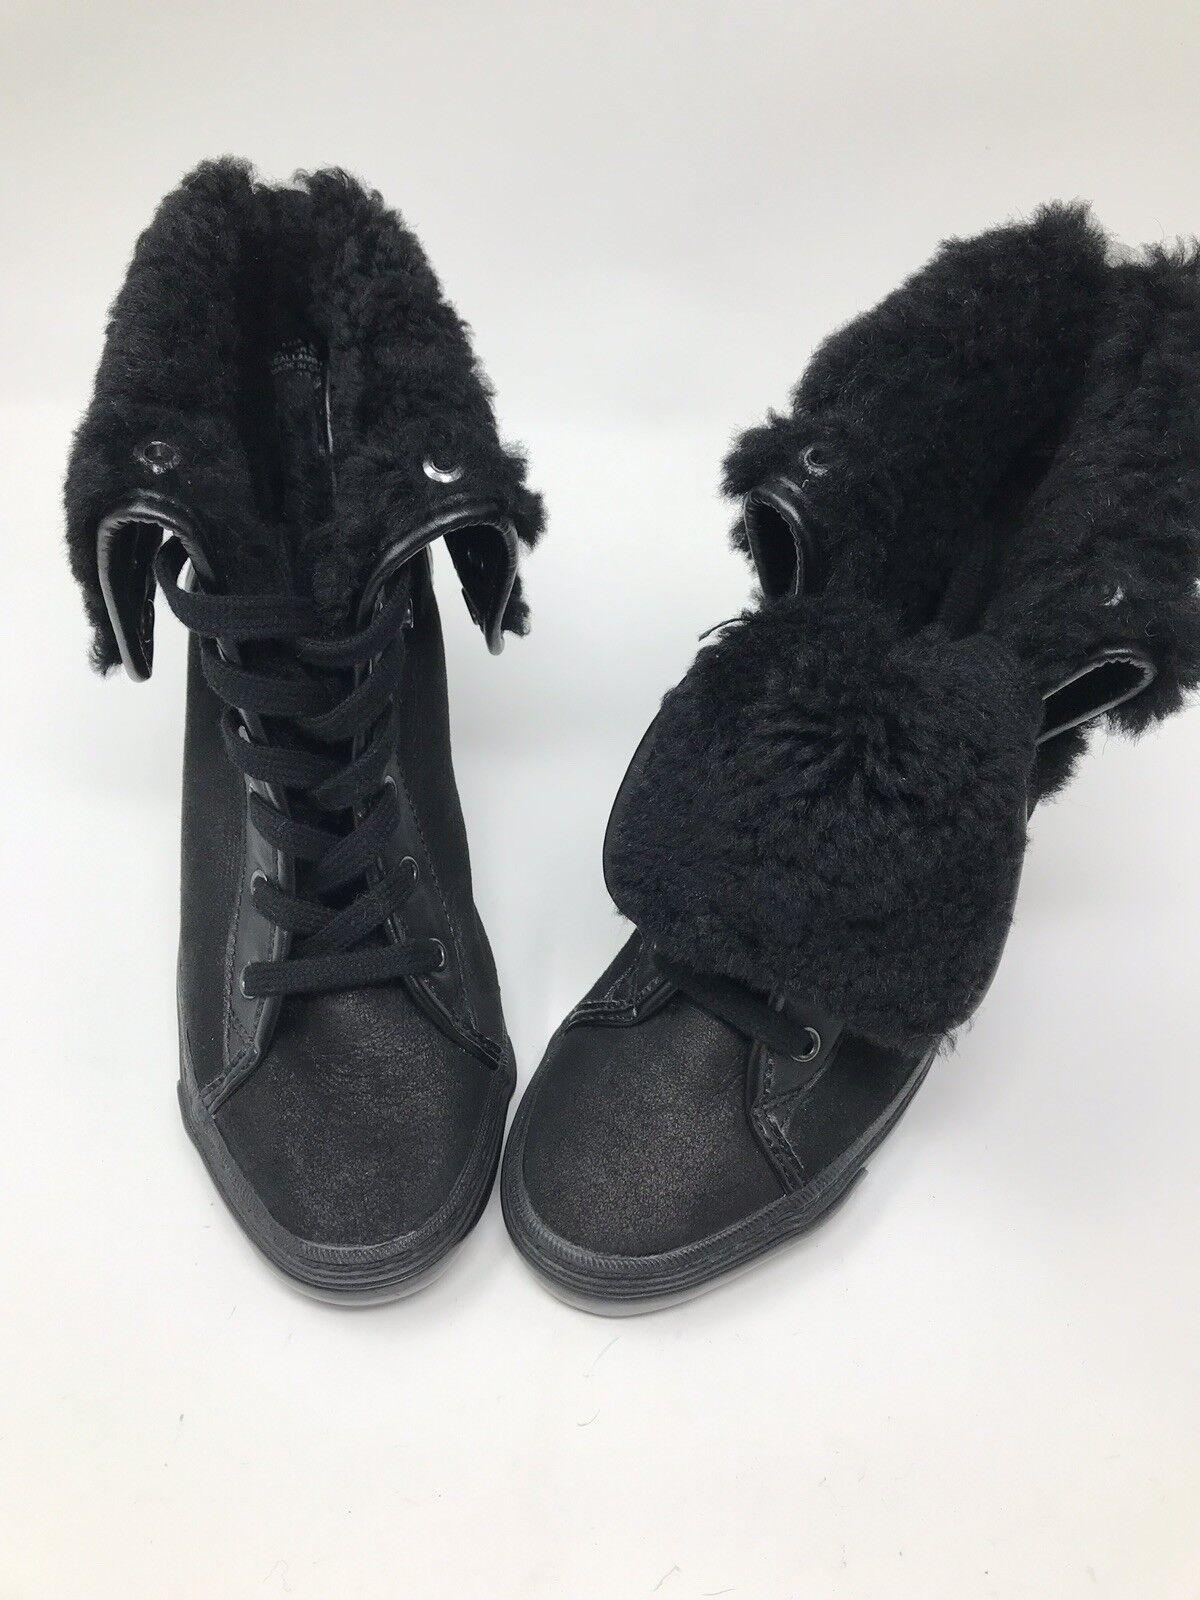 Negro Para Mujer De Invierno botas al tobillo con con con cordones Cuña duelo propósito Talla 7  003  diseños exclusivos